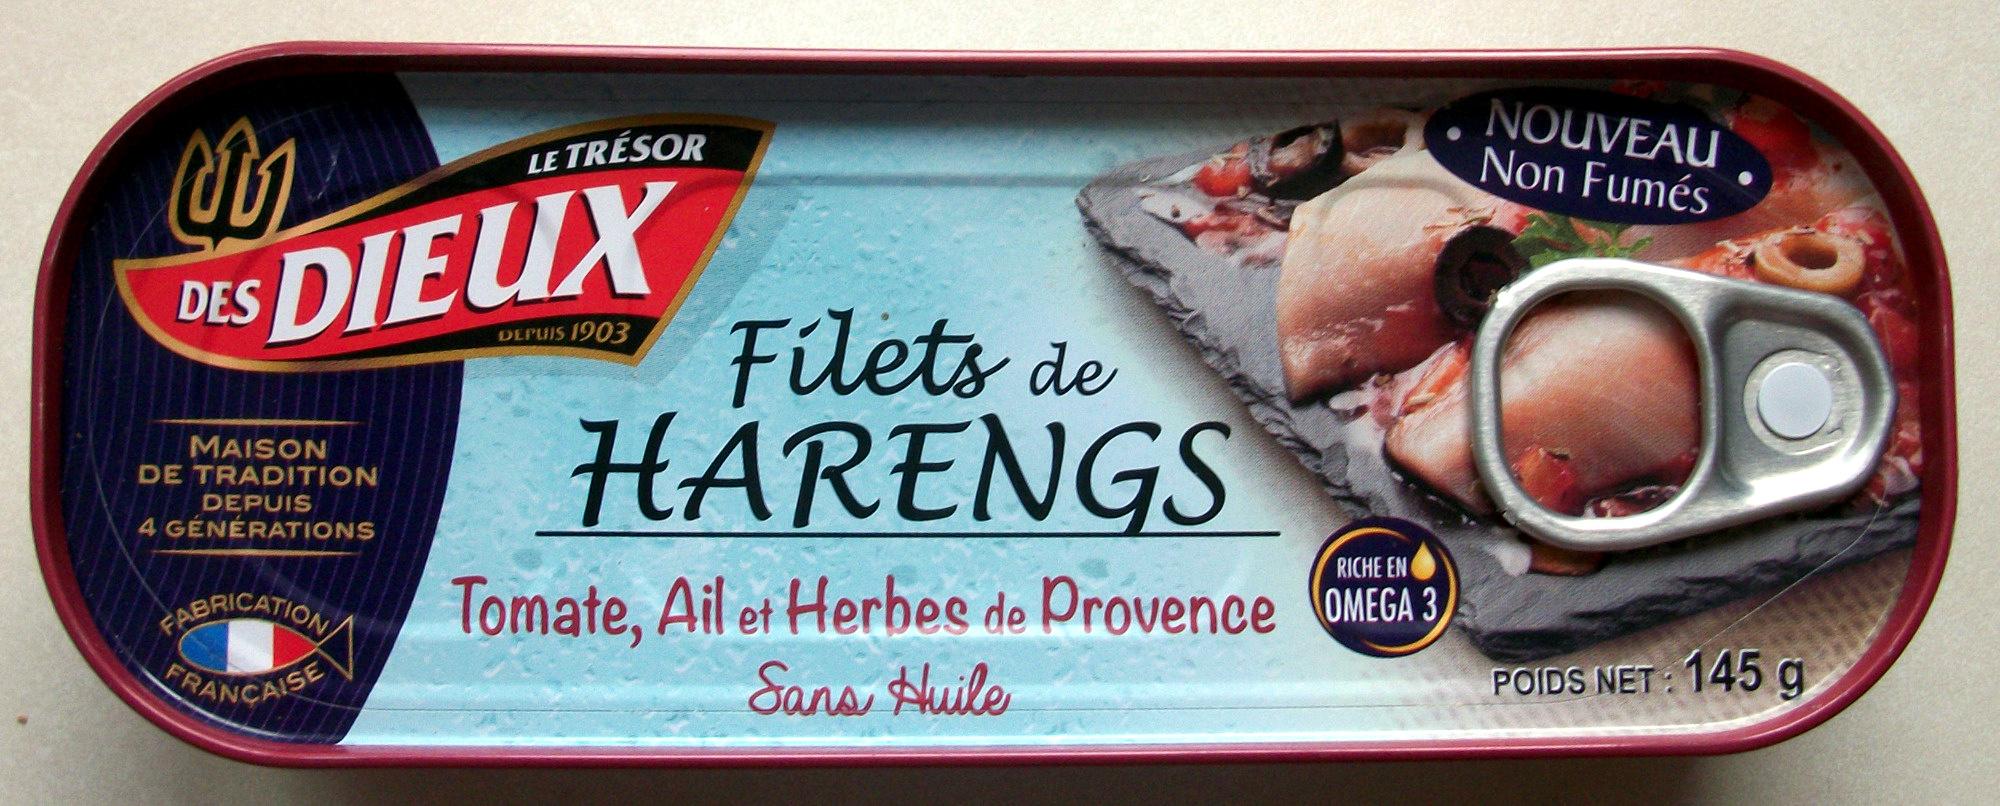 Filets de harengs (Tomate, Ail et Herbes de Provence, Sans Huile) - Produit